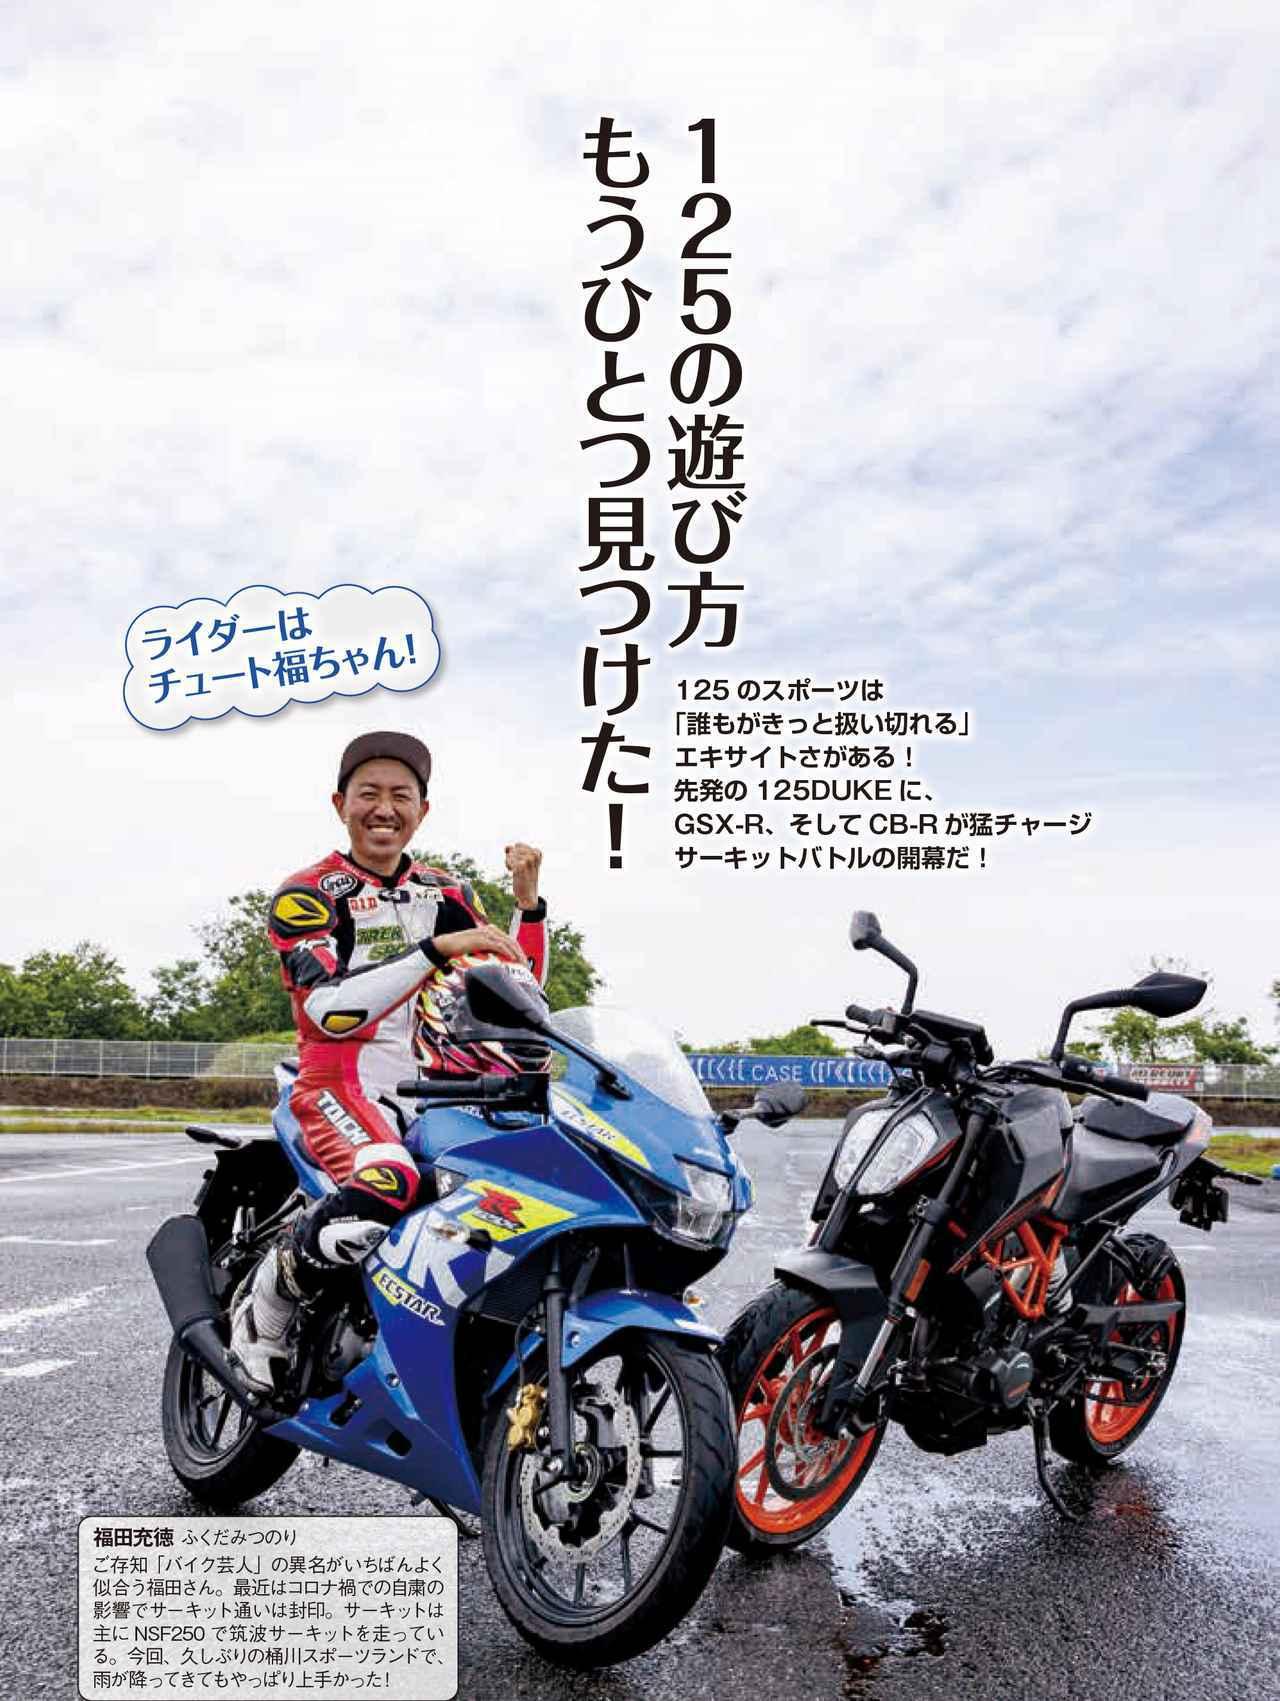 画像4: 月刊『オートバイ』最新8月号は2021年7月1日発売! 大人気125ccモデル完全攻略|別冊付録「RIDE」では旧型カブを大特集